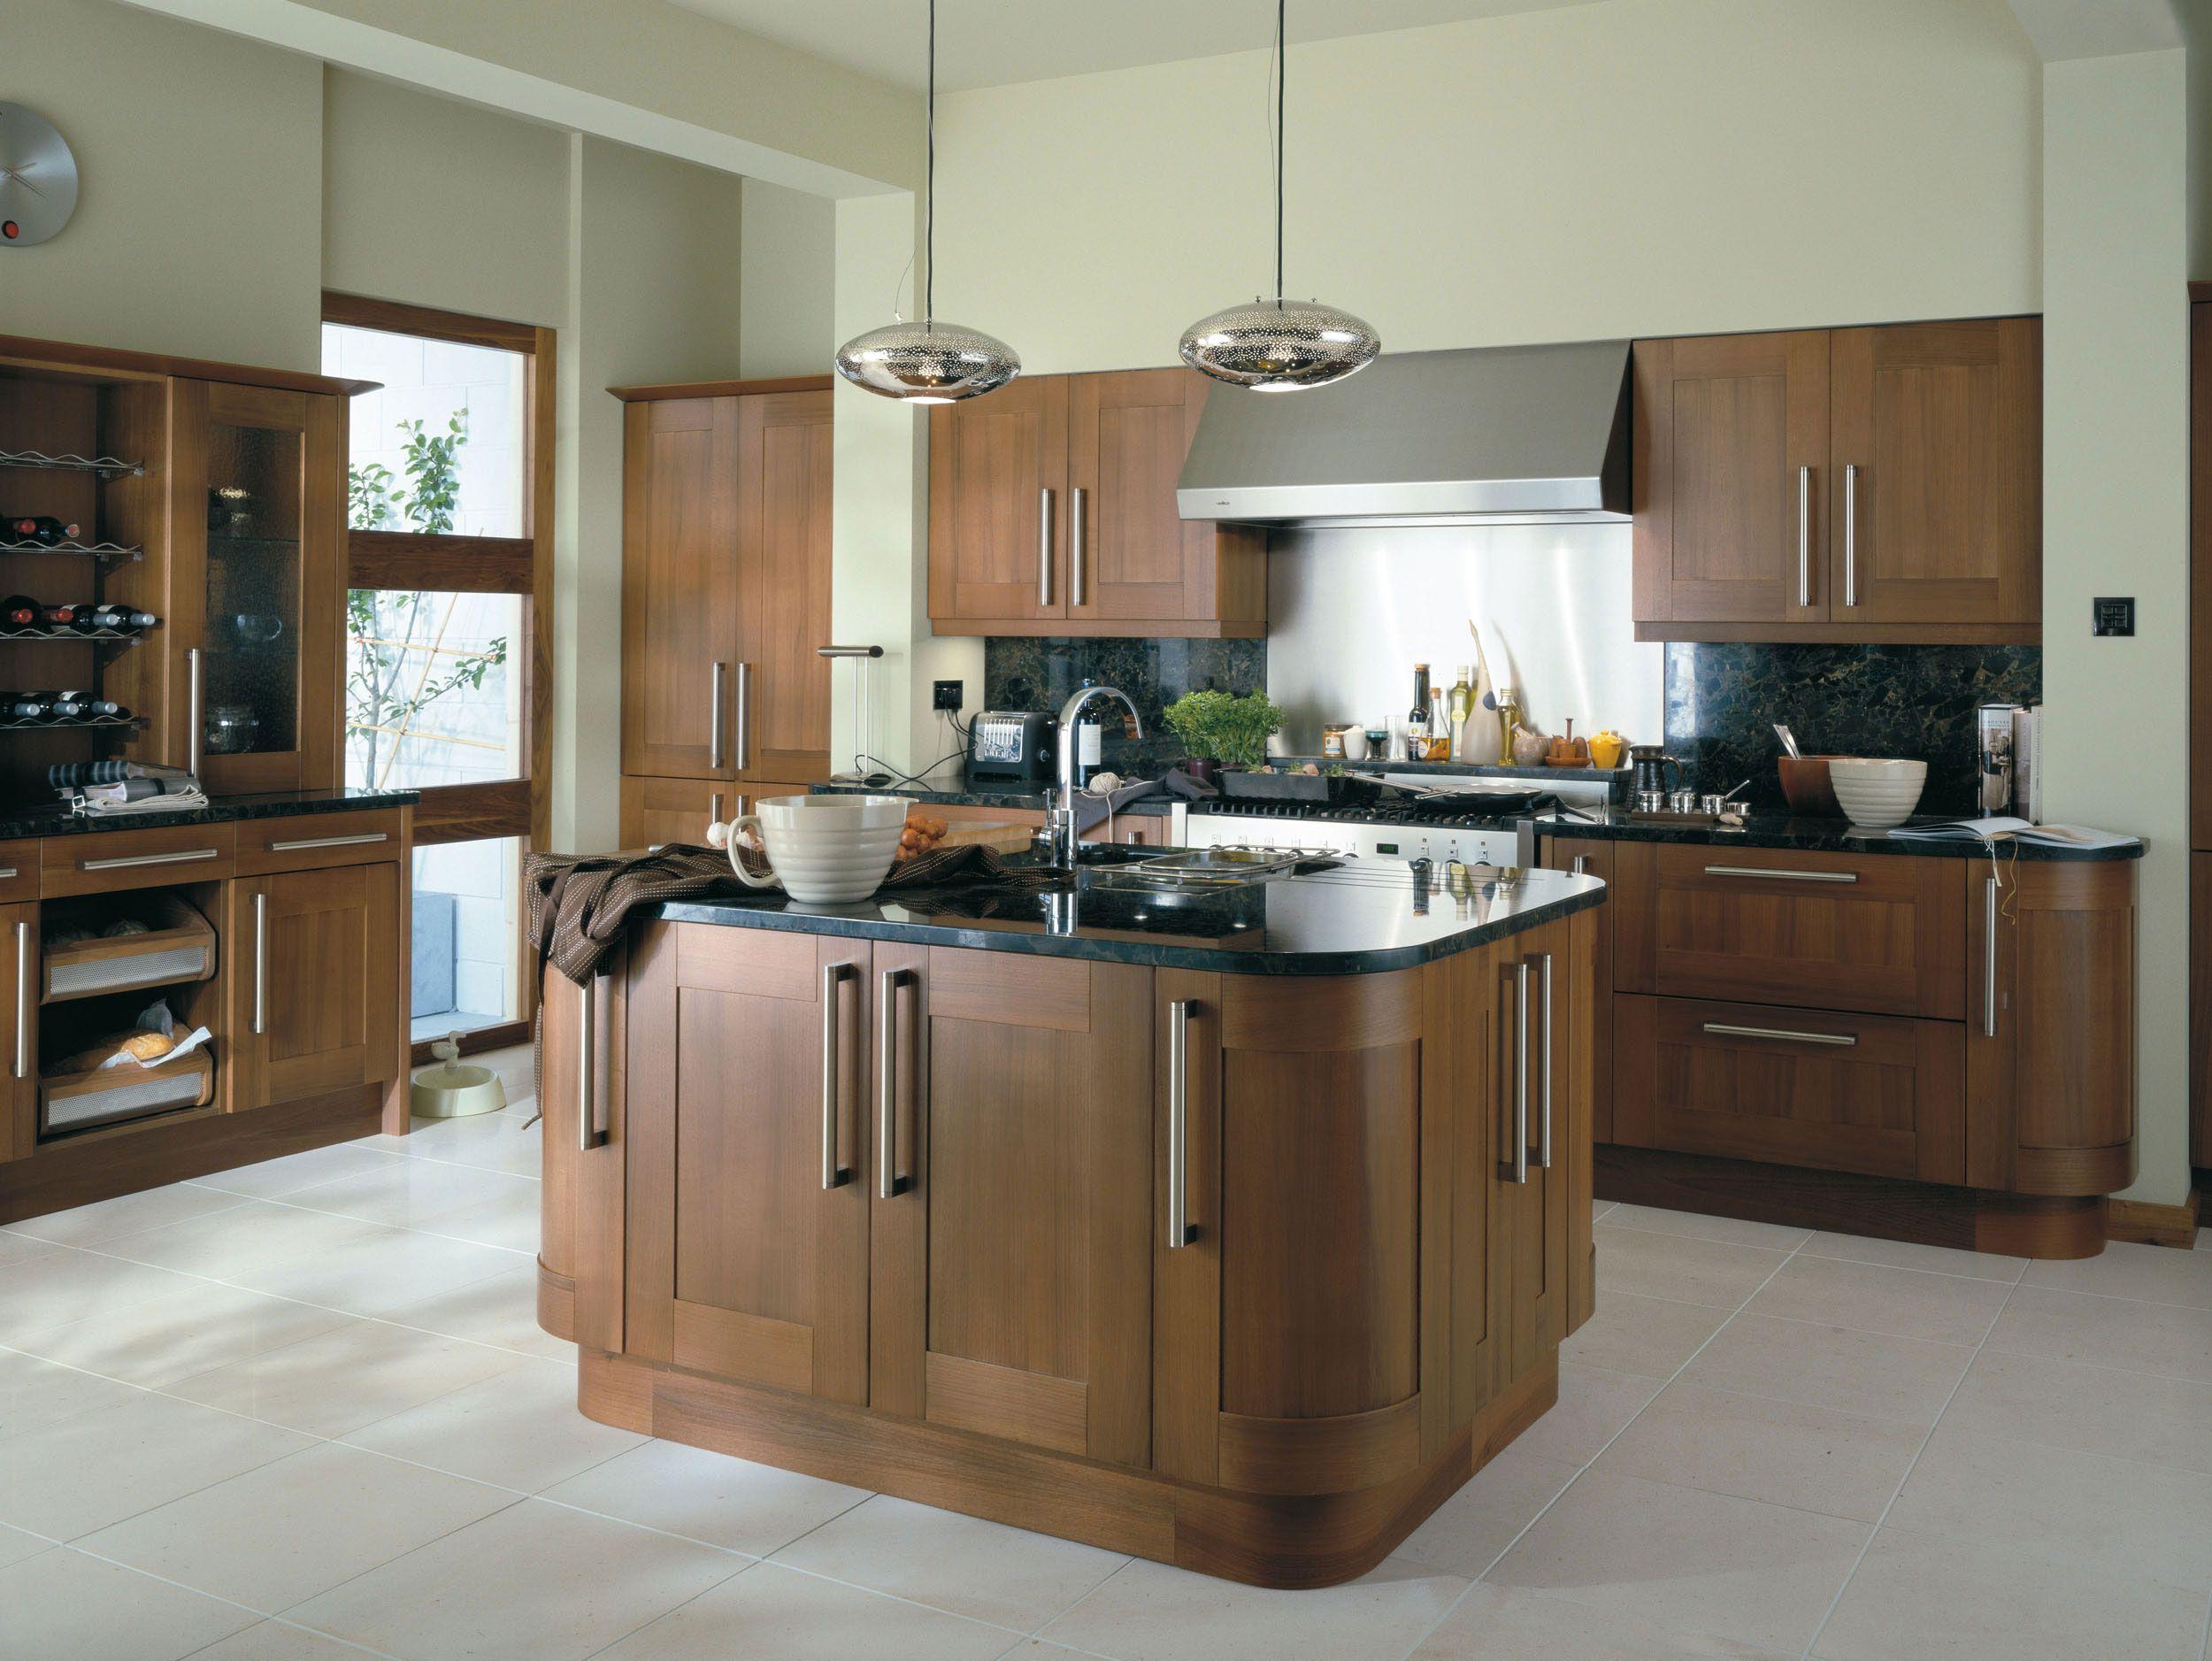 Fein Gebäude Shaker Stil Küchenschranktüren Ideen - Küchenschrank ...